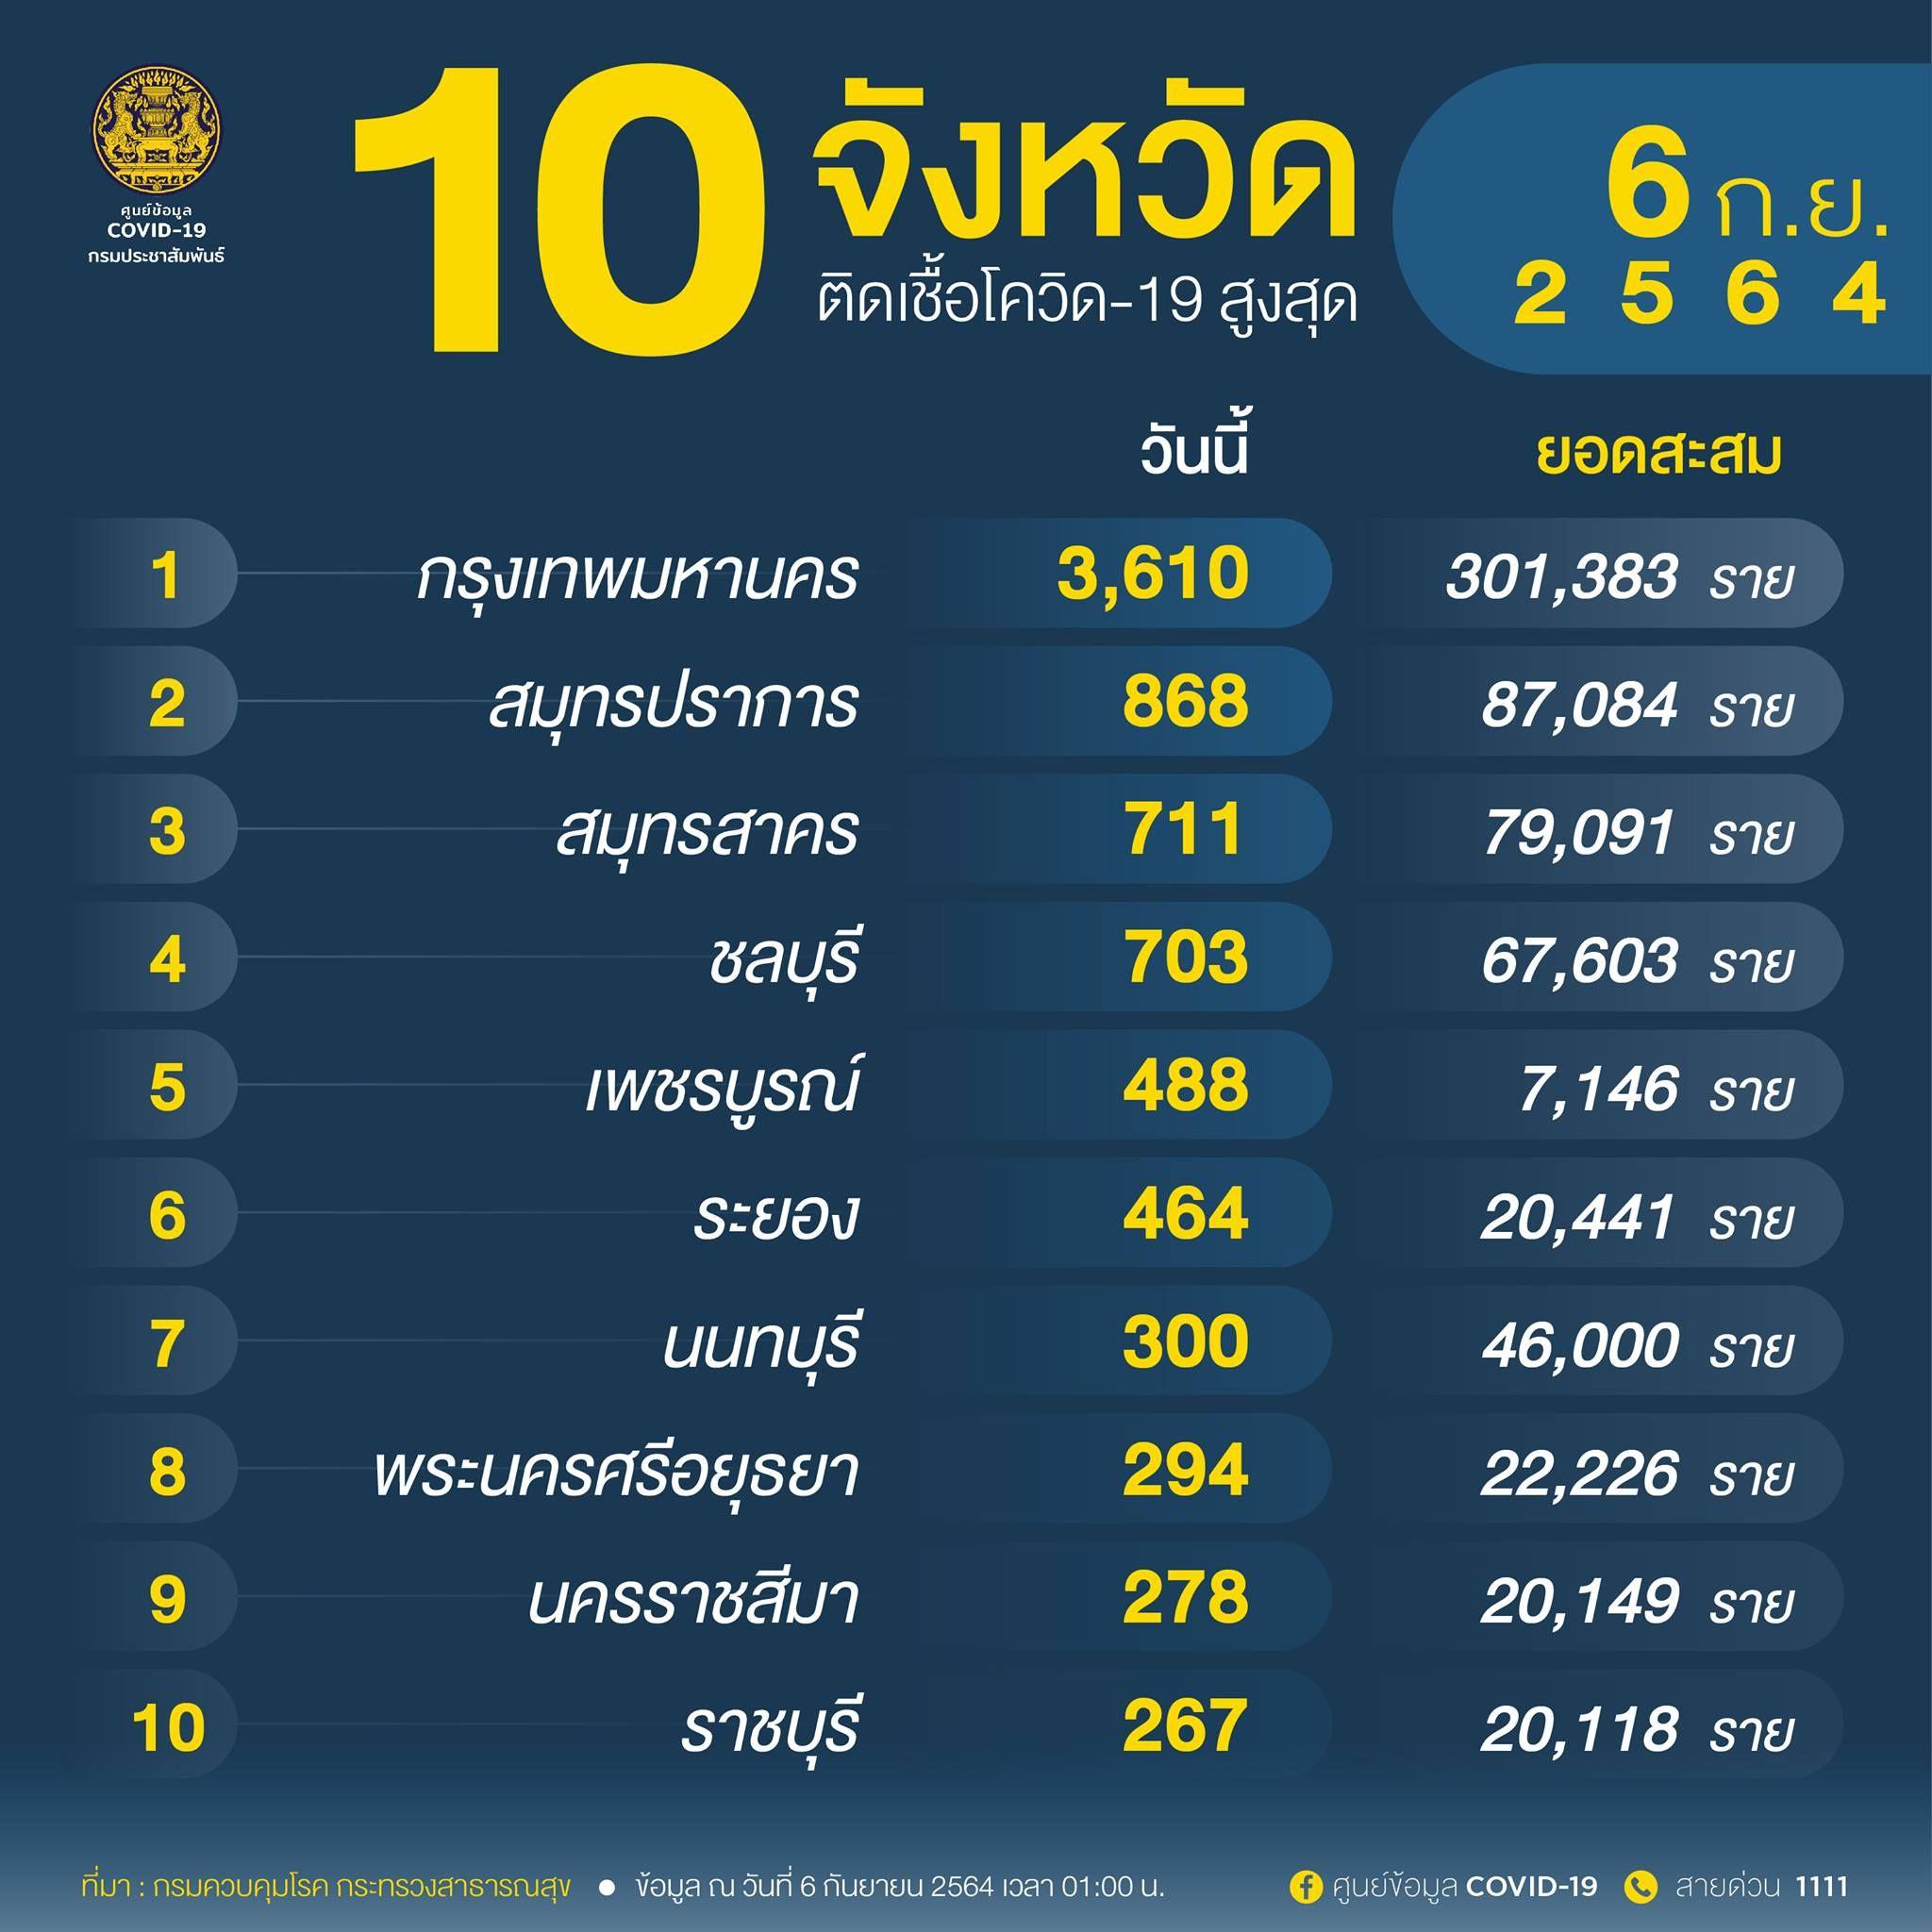 อัพเดท 'โควิดวันนี้' 10 จังหวัดติดเชื้อสูงสุด กทม.-ปริมณฑล 5,826  จับตาเพชรบูรณ์